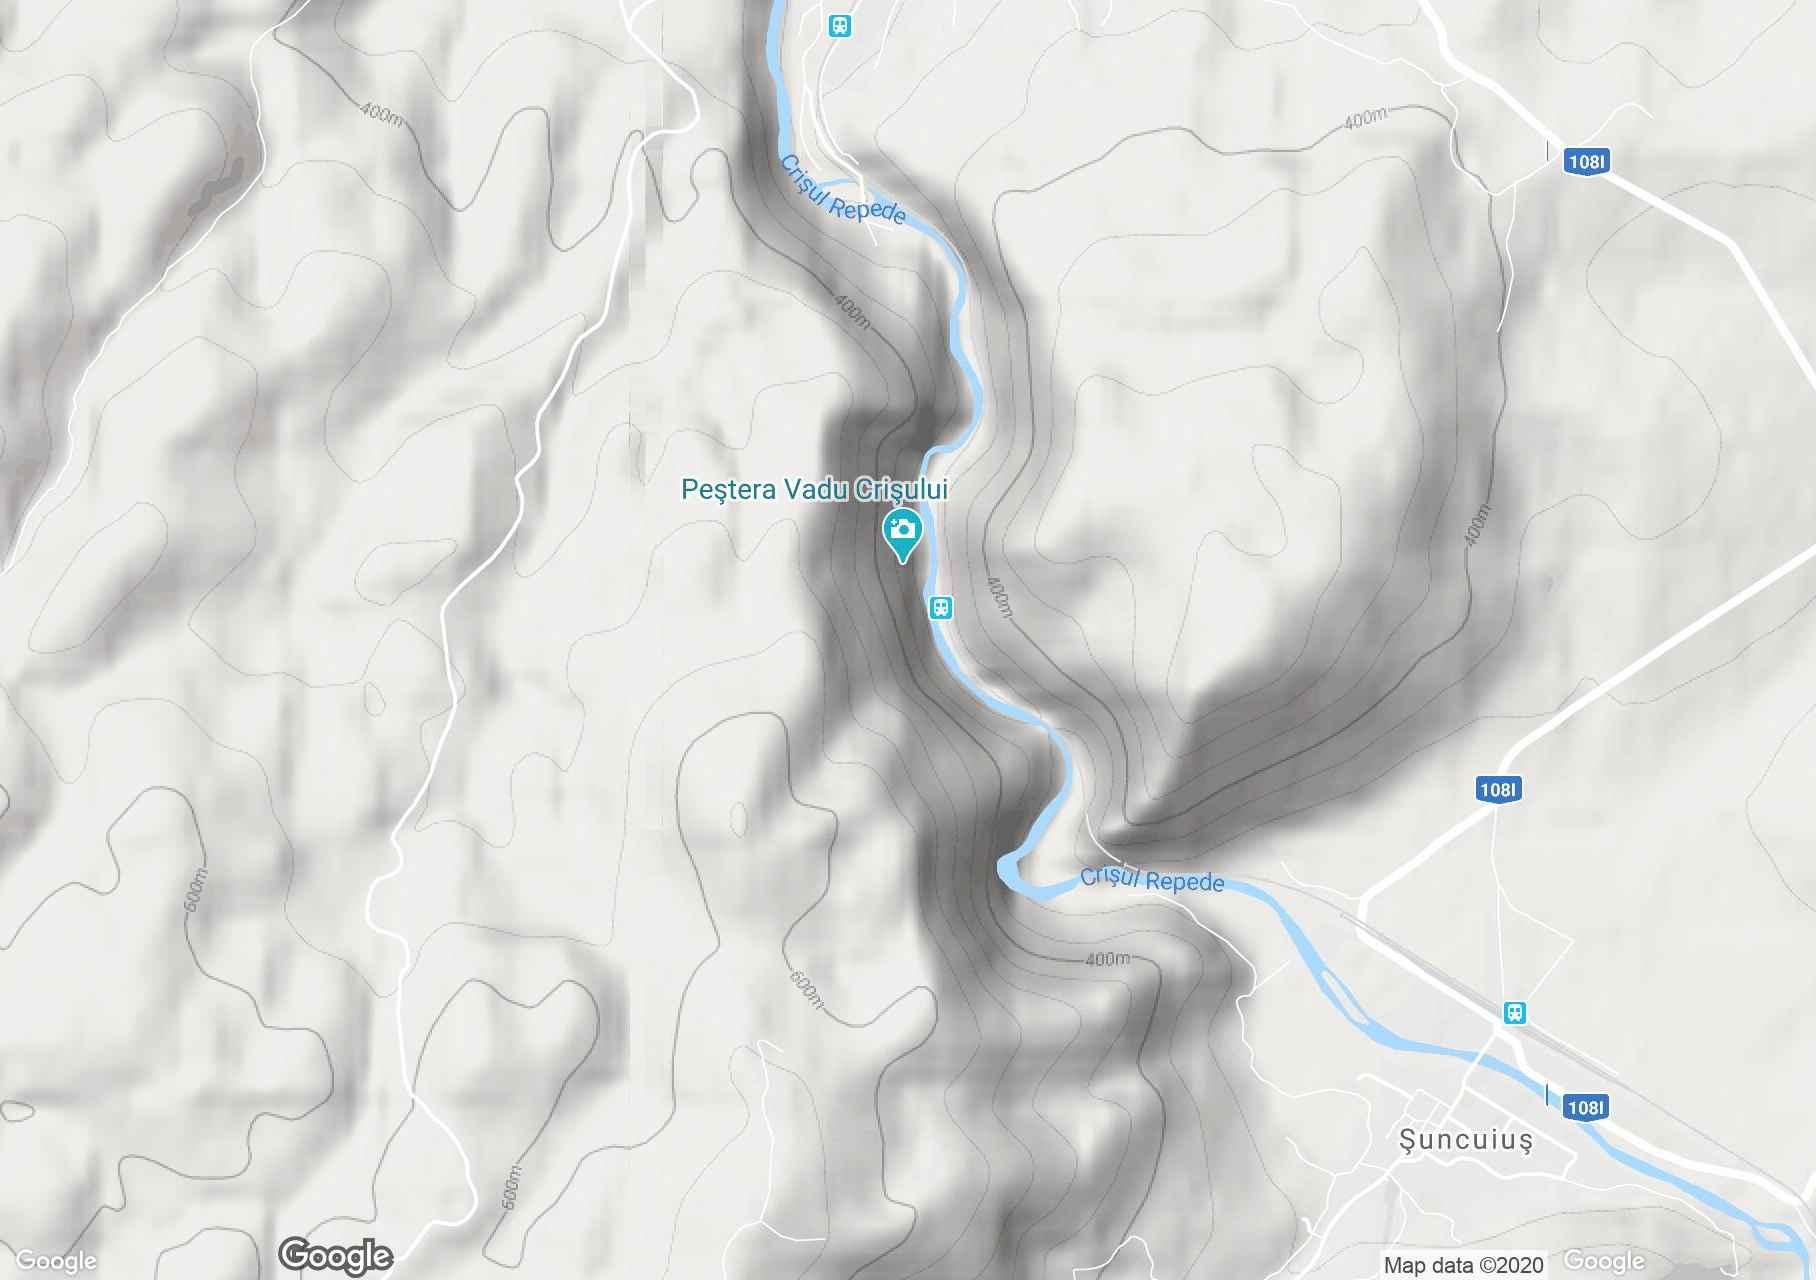 Vadu Crişului, Harta turistică interactivă